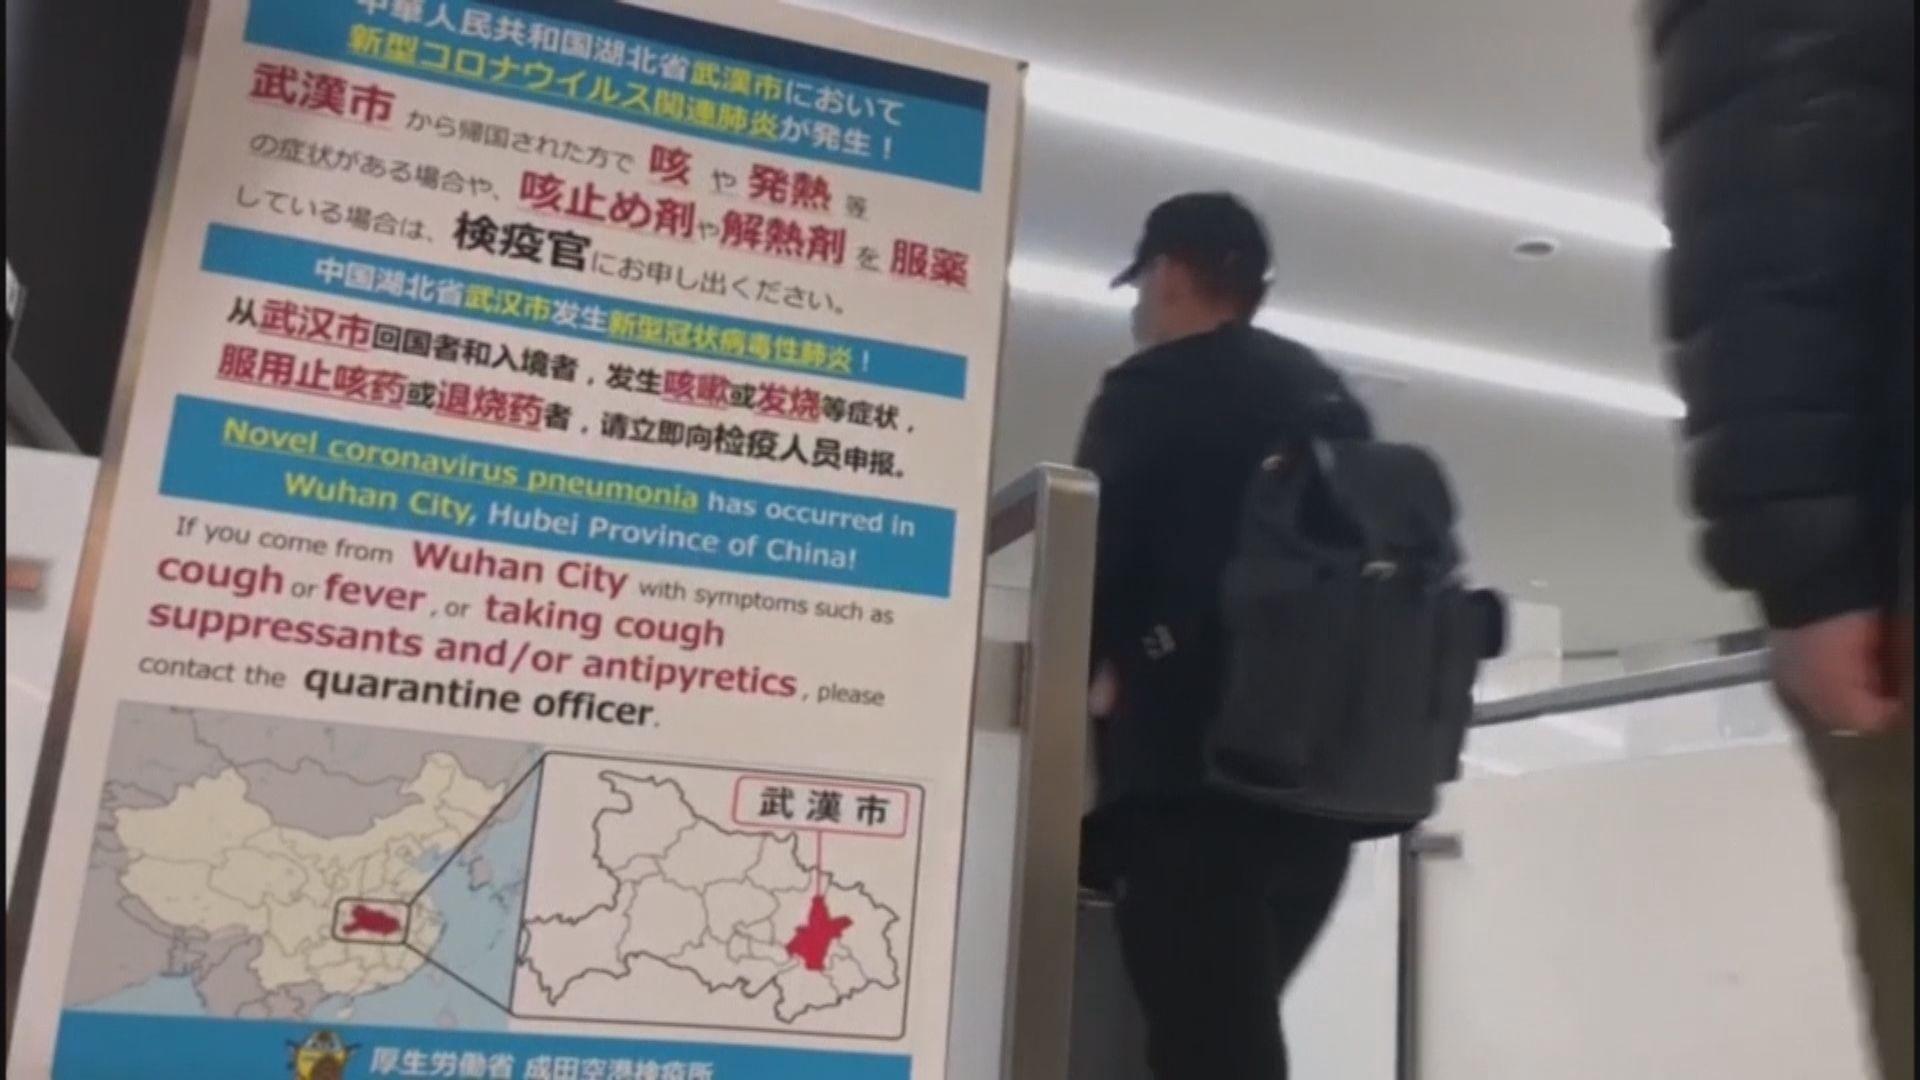 日本加強檢測來自武漢或中國的旅客